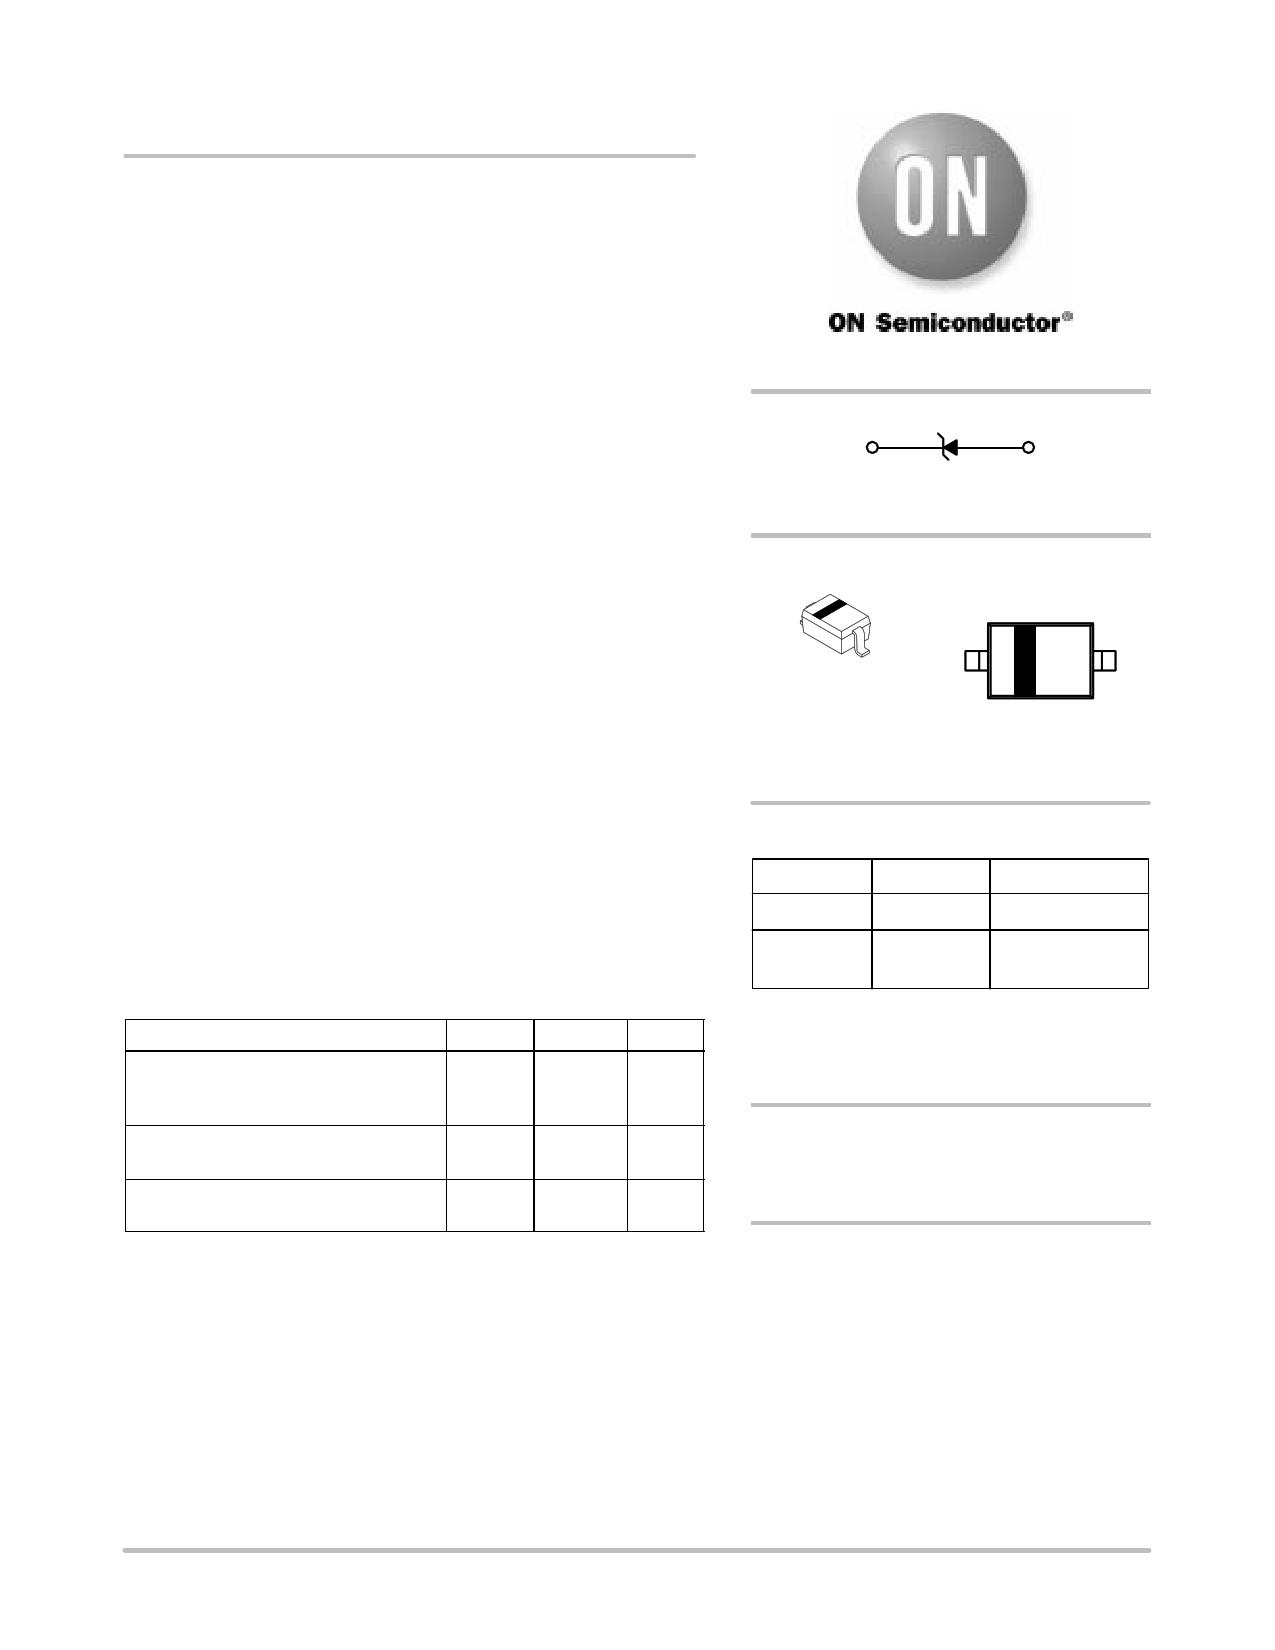 MM3Z9V1T1 datasheet, circuit